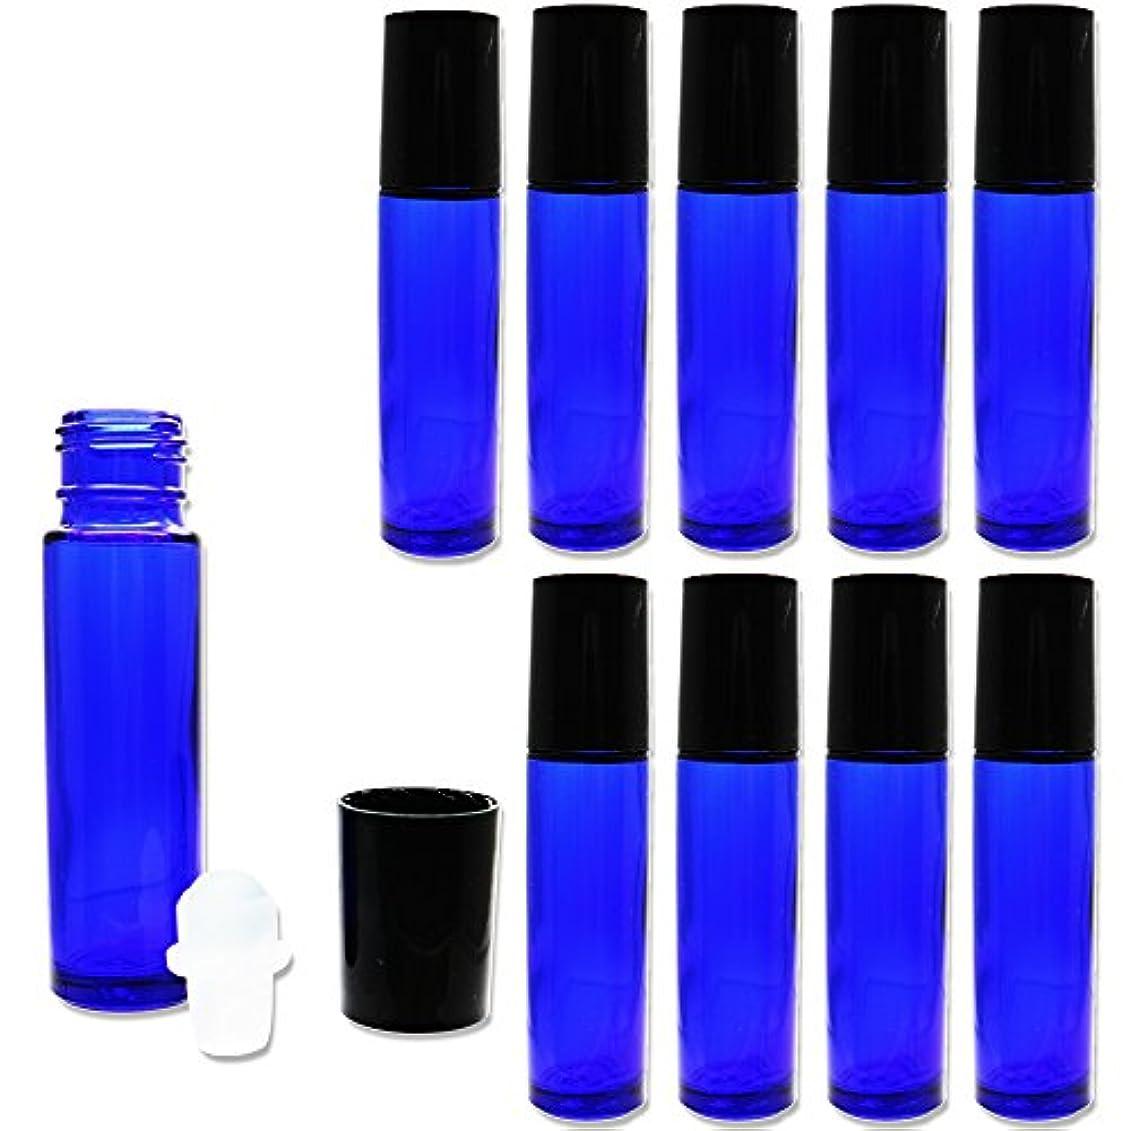 支払い住むどれSolid Value ロールオンボトル アロマオイル ガラスロール 詰め替え 遮光瓶 (10ml 10本セット)